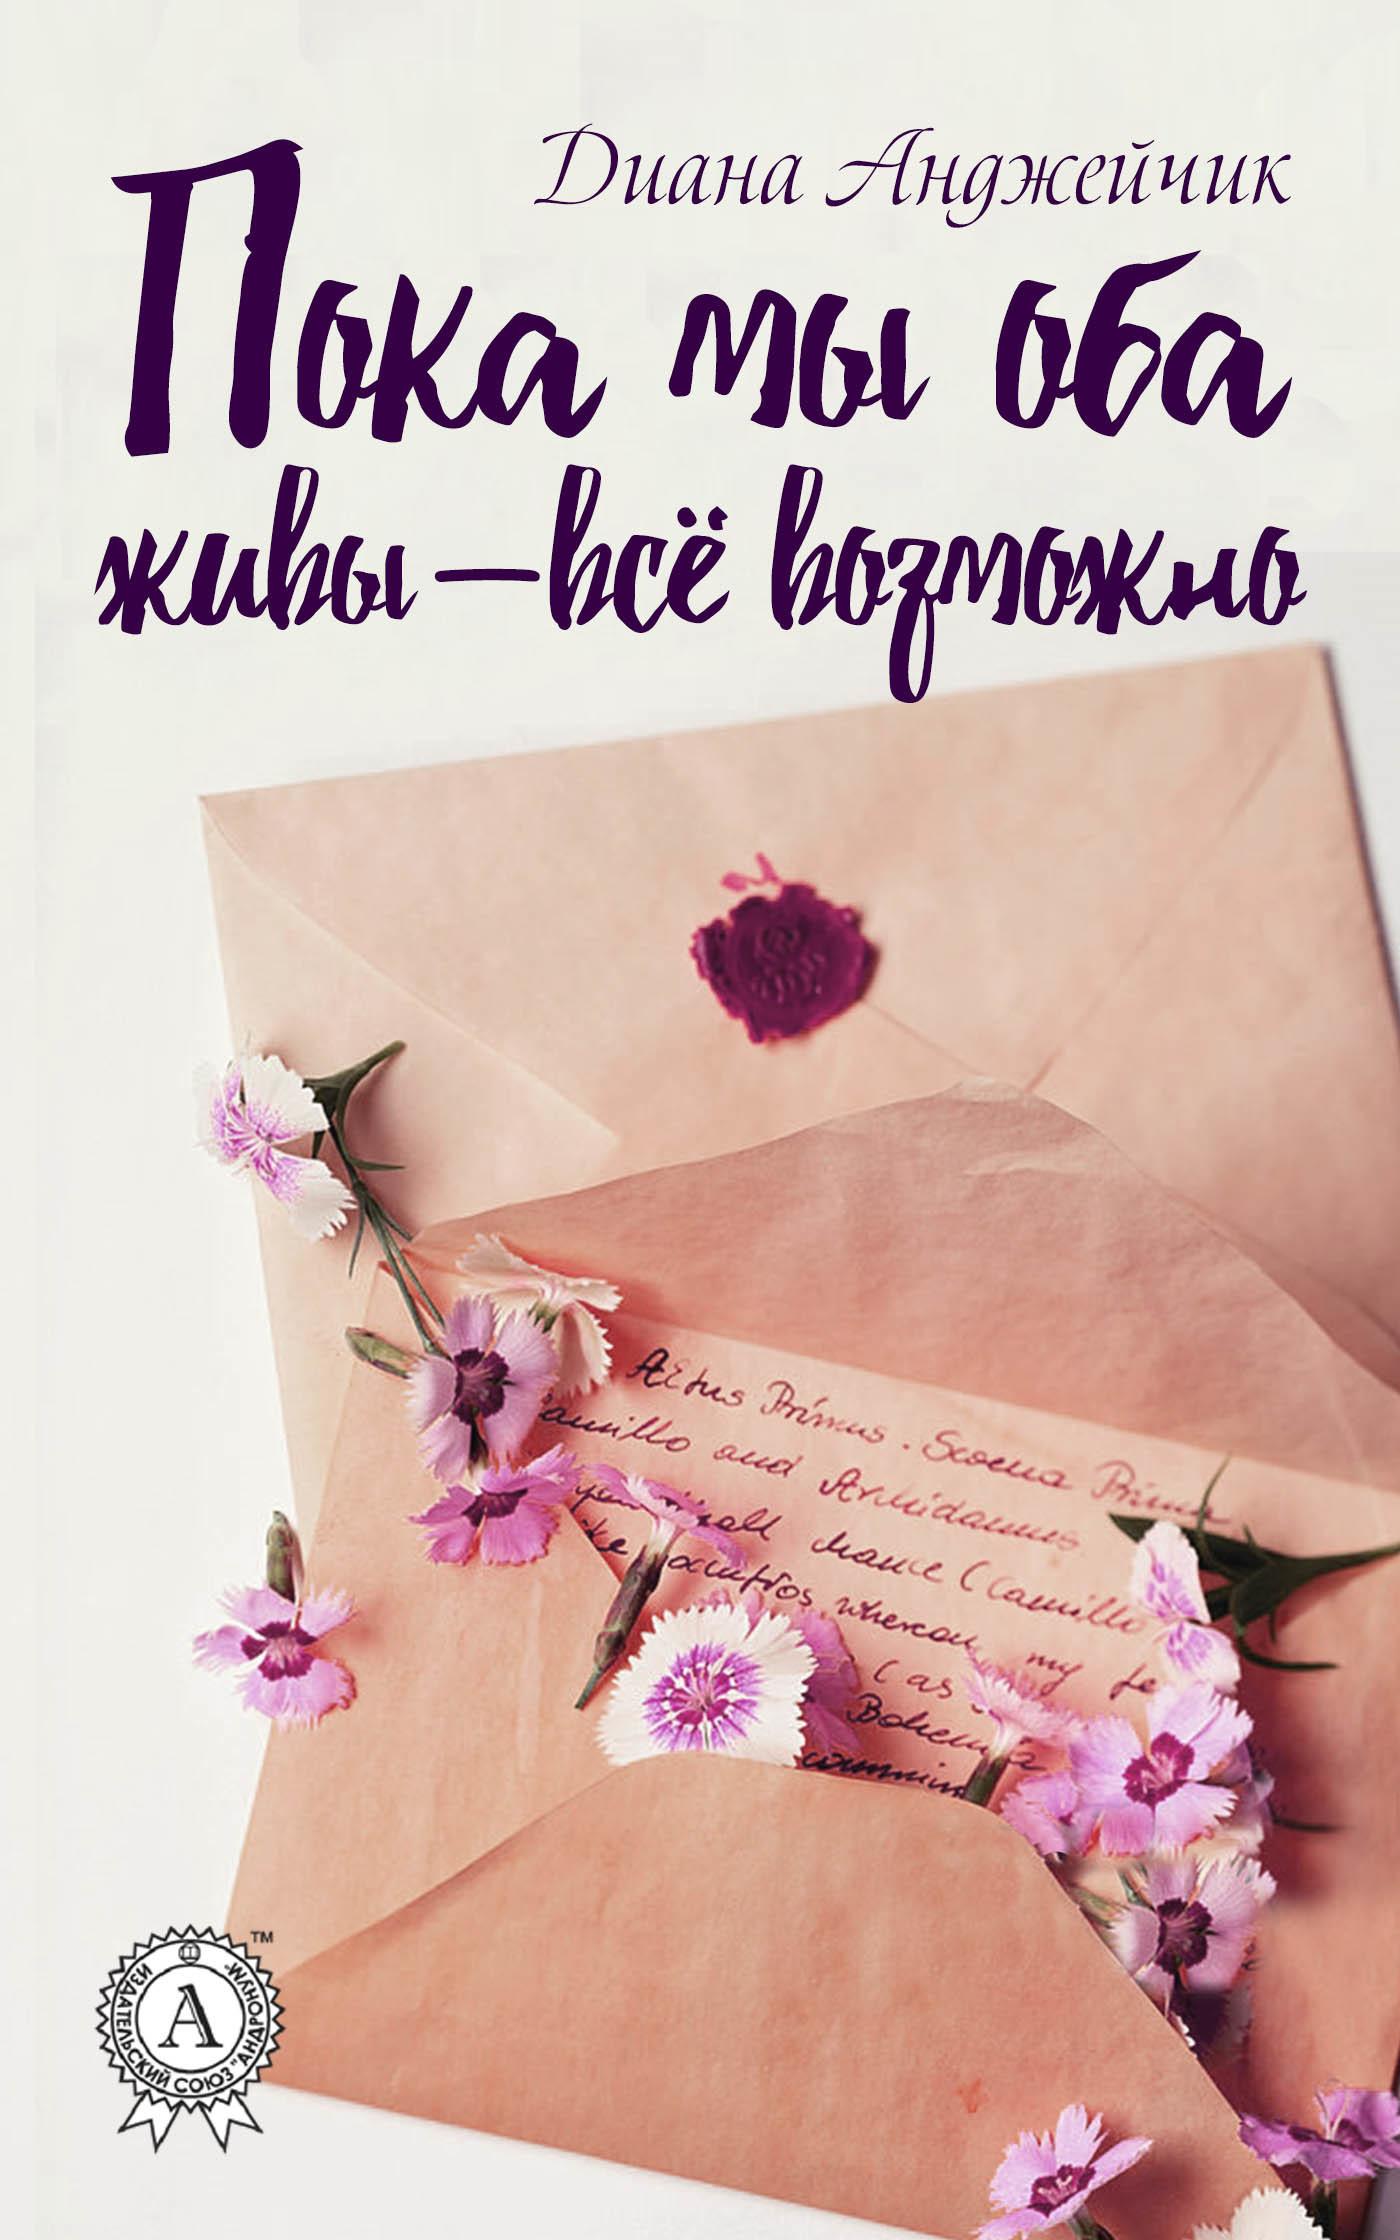 Диана Анджейчик - Пока мы оба живы – всё возможно